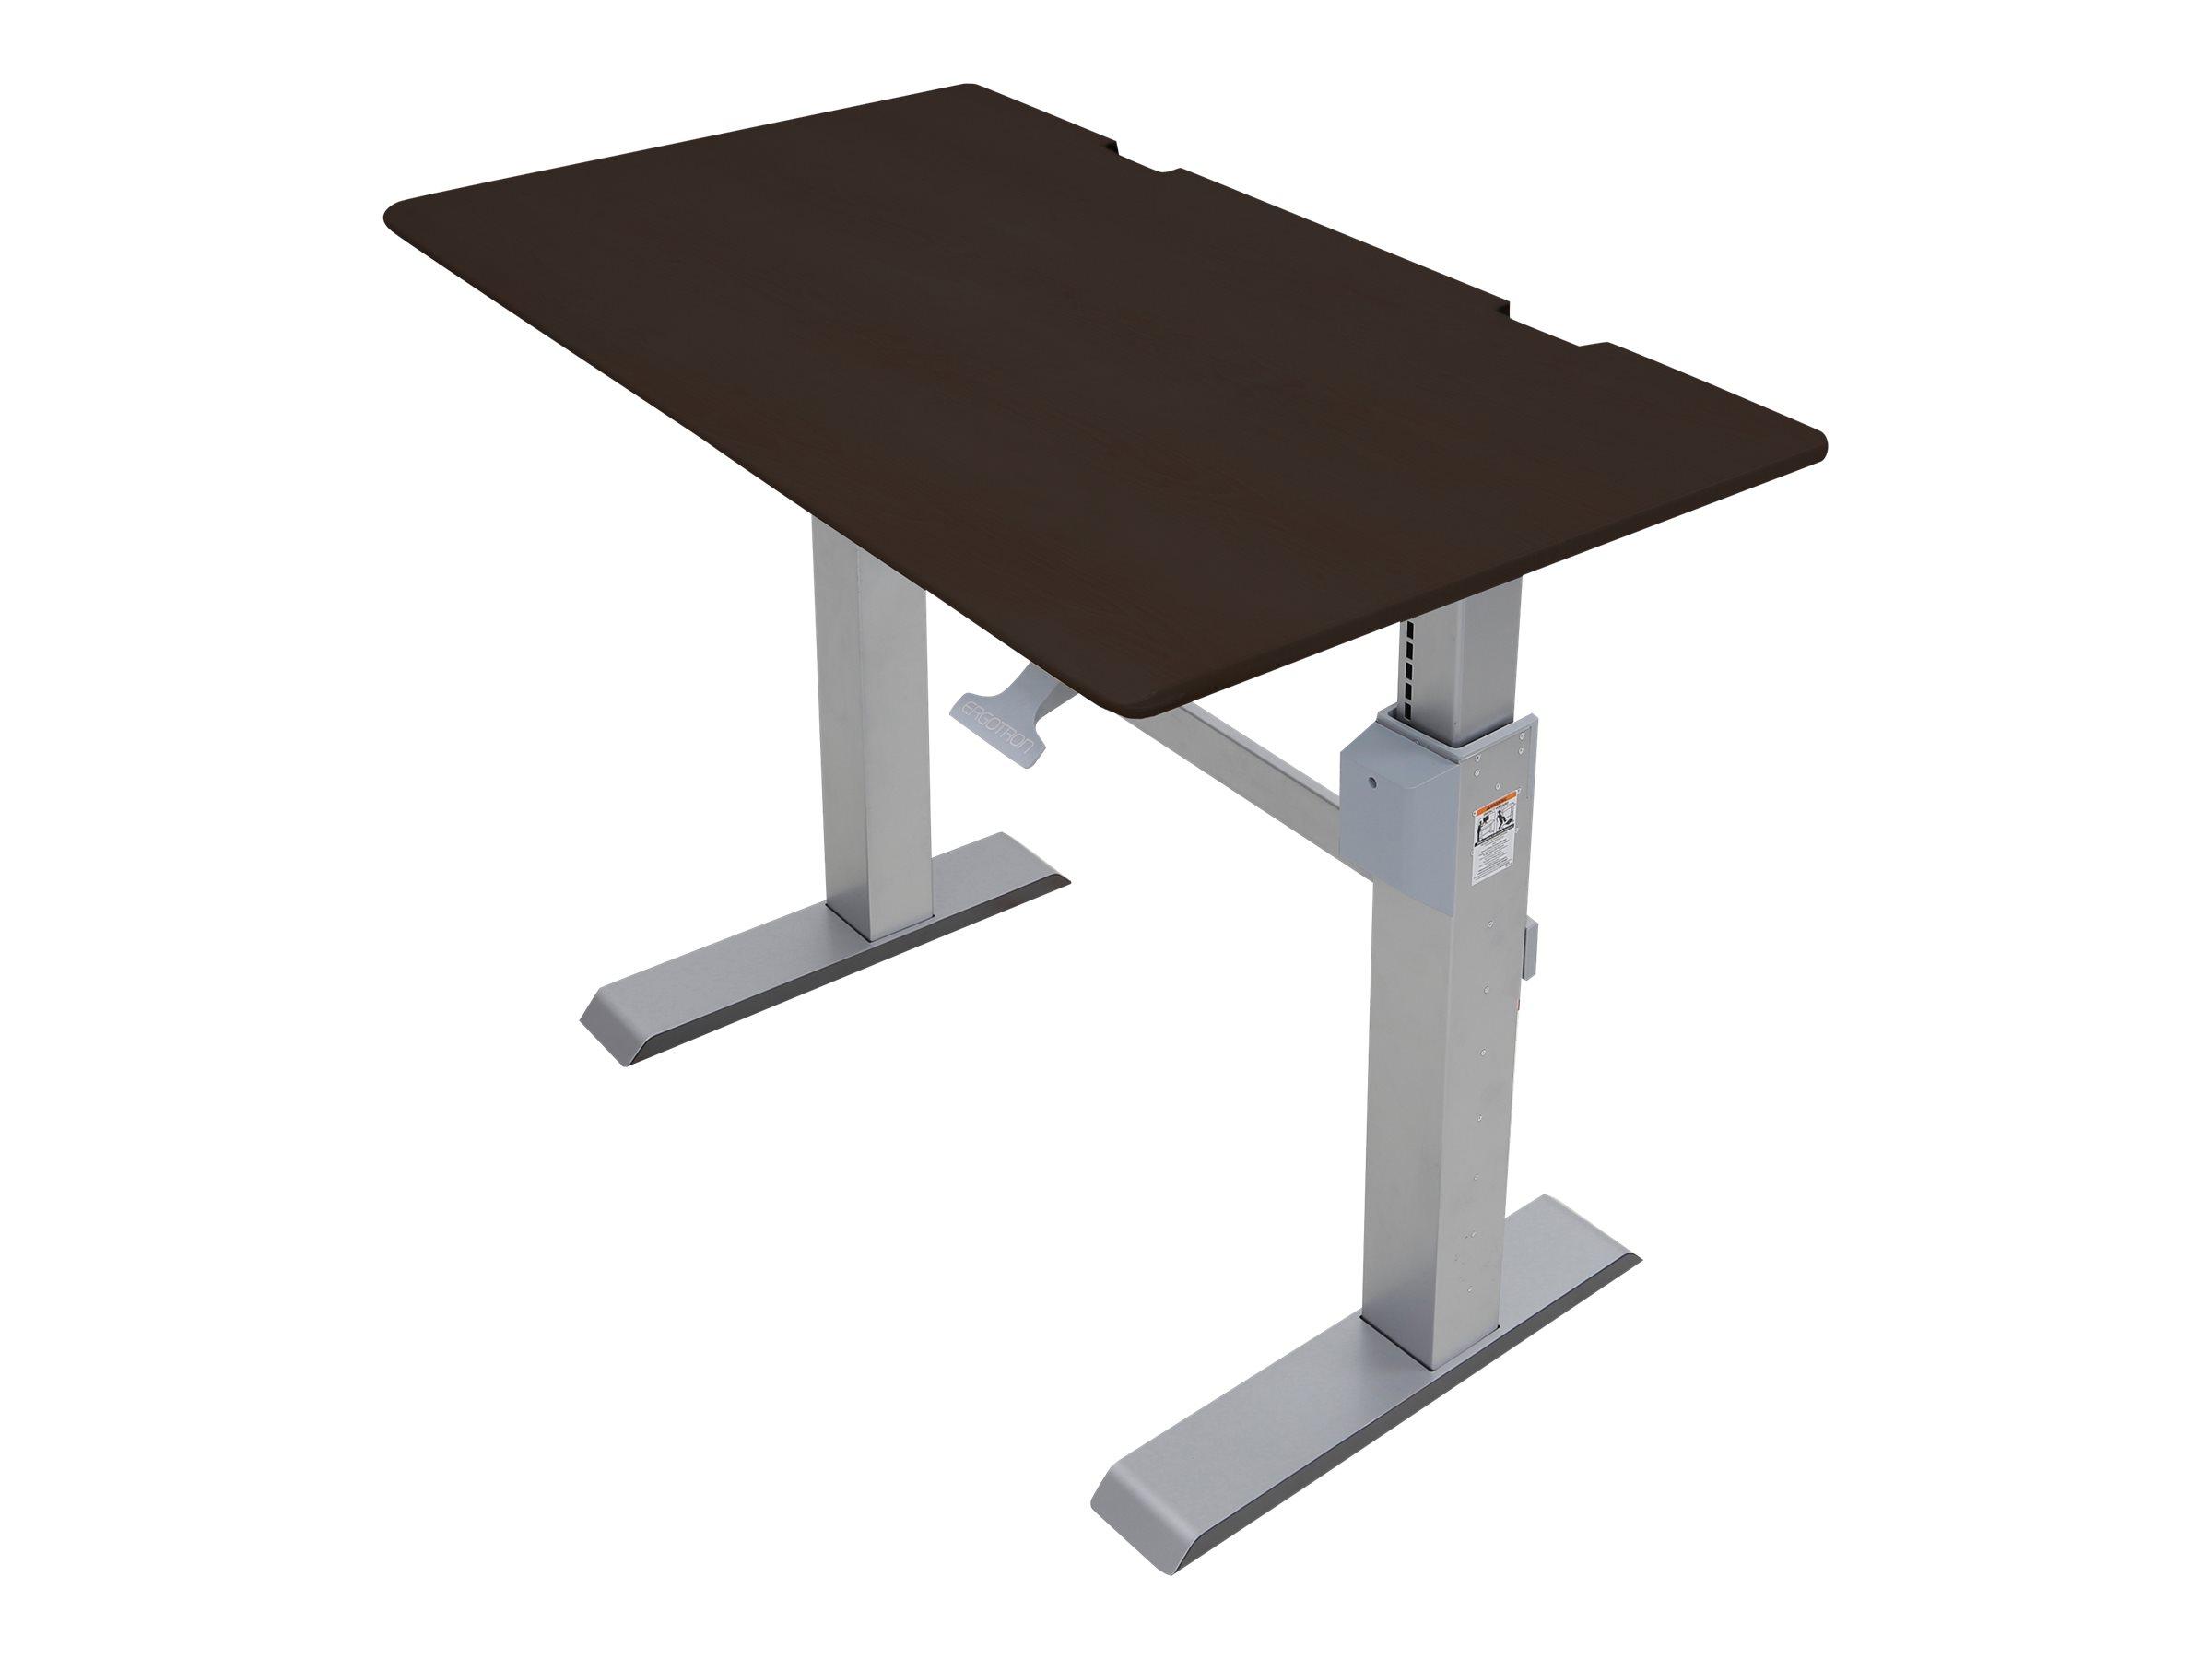 Ergotron WorkFit-DL - Sitz-/ Stehtisch - mobil - Büro - rechteckig - Wenge